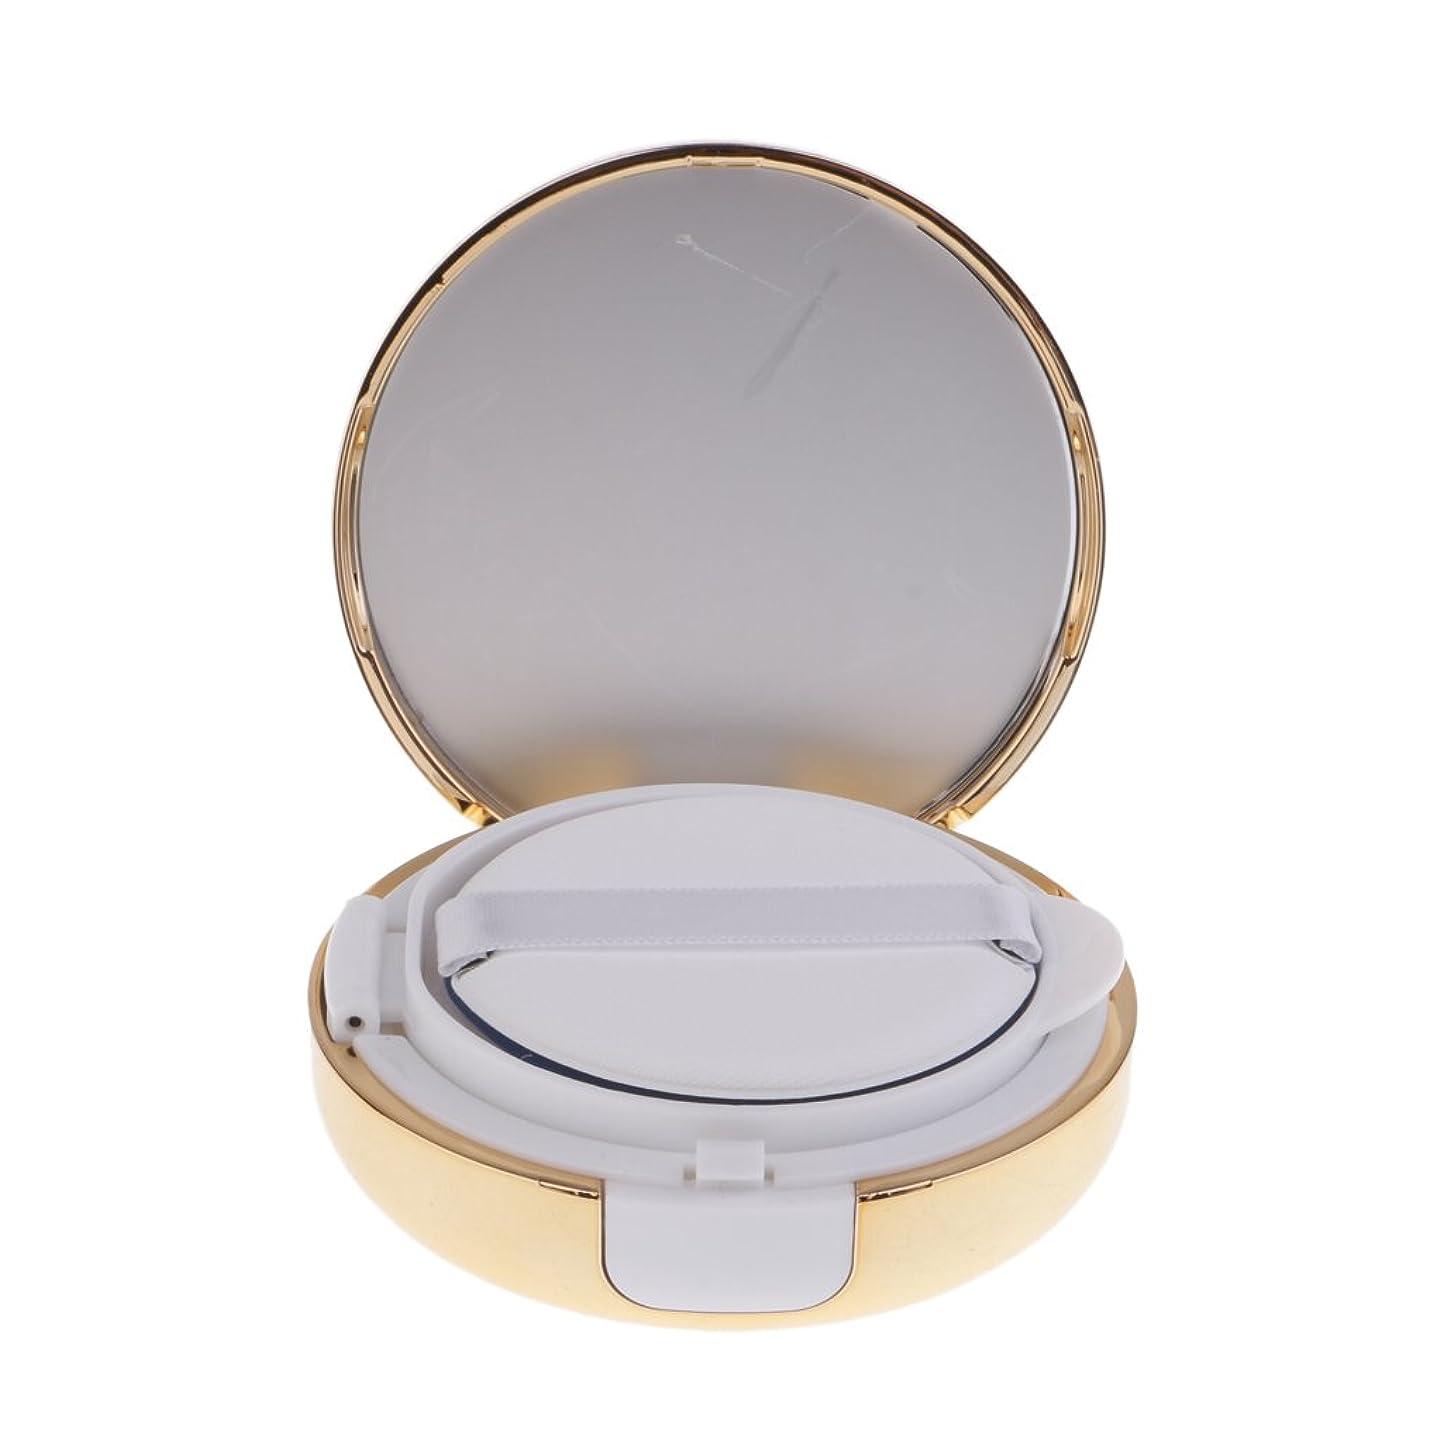 驚いたことにスペードシンプルさKesoto メイクアップ 空パウダーコンテナ ファンデーションケース エアクッション パフ BBクリーム 詰替え 化粧品 DIY プラスチック製 2色選べる - ゴールド